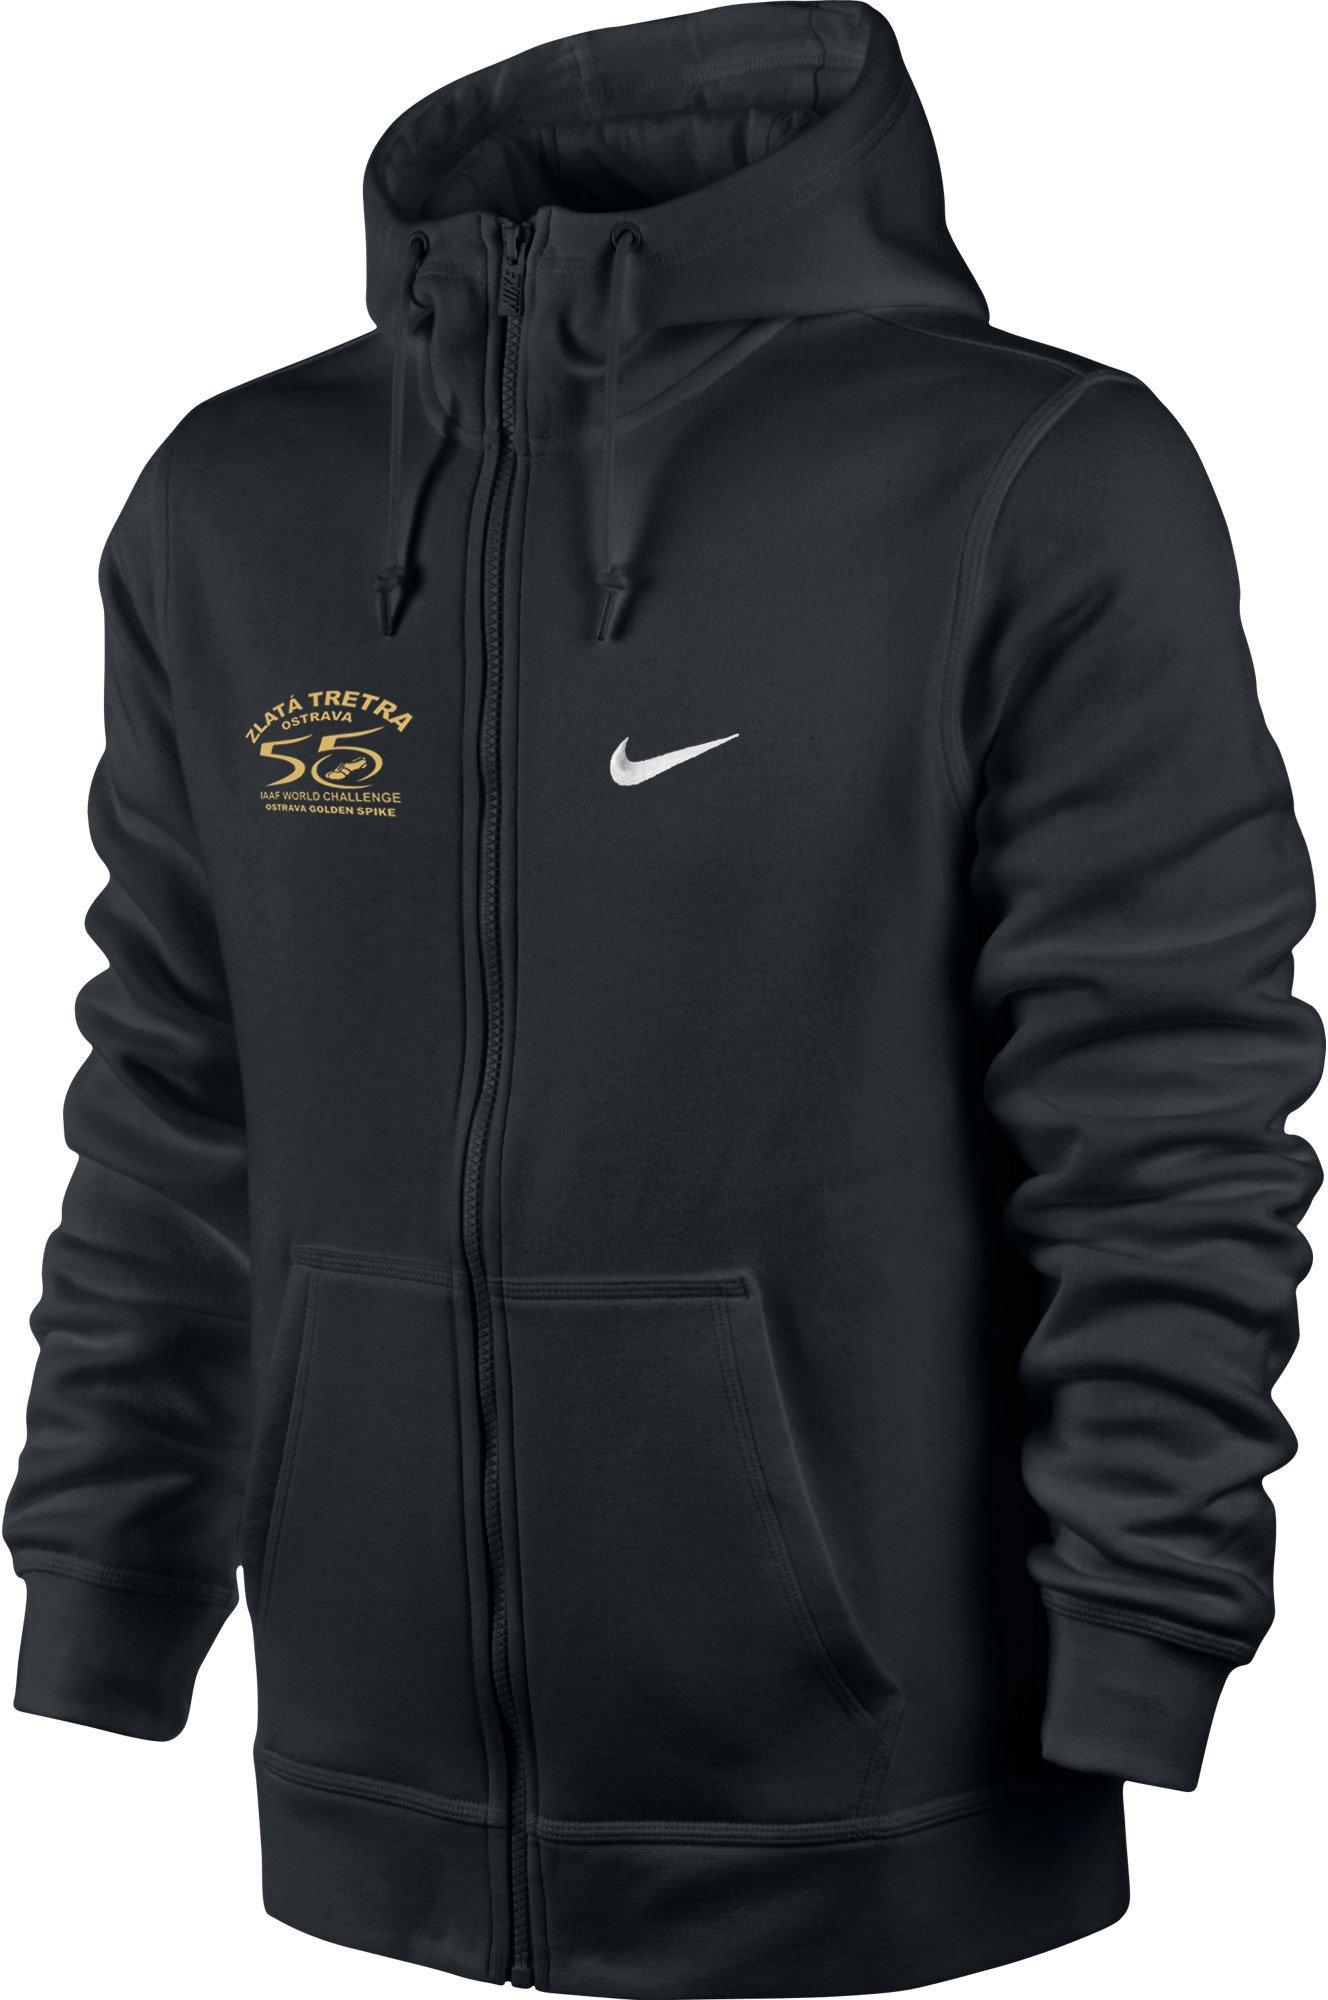 Mikina s kapucí Nike CLUB FZ HOODY SWOOSH Zlata tretra